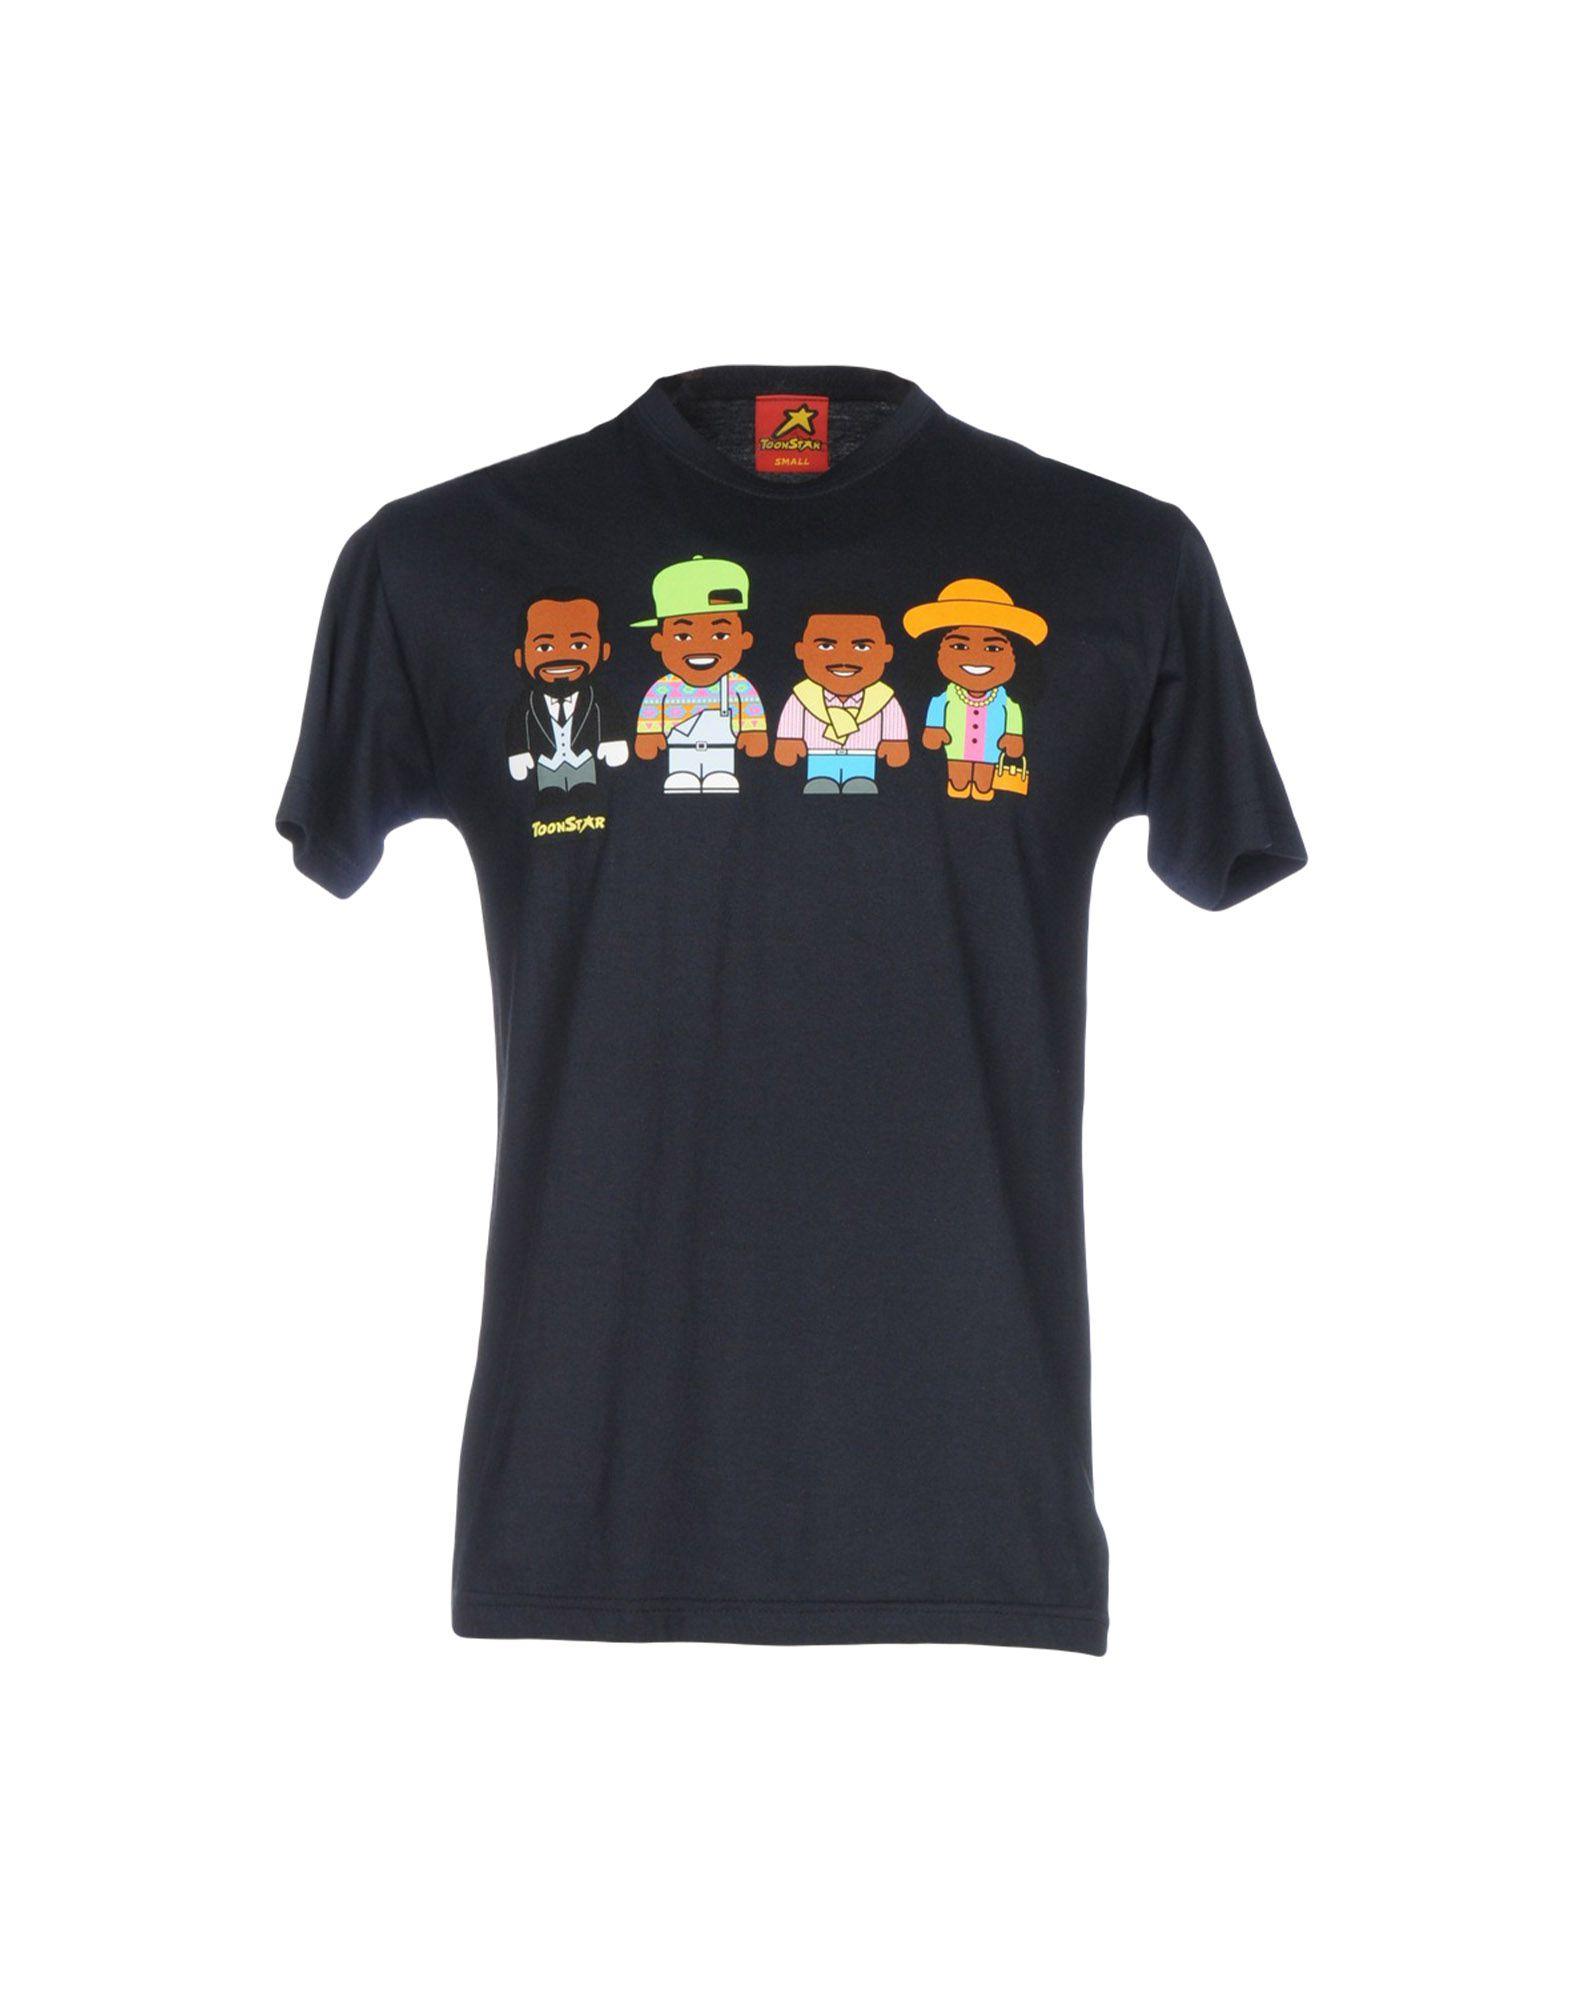 TOON STAR T-shirts